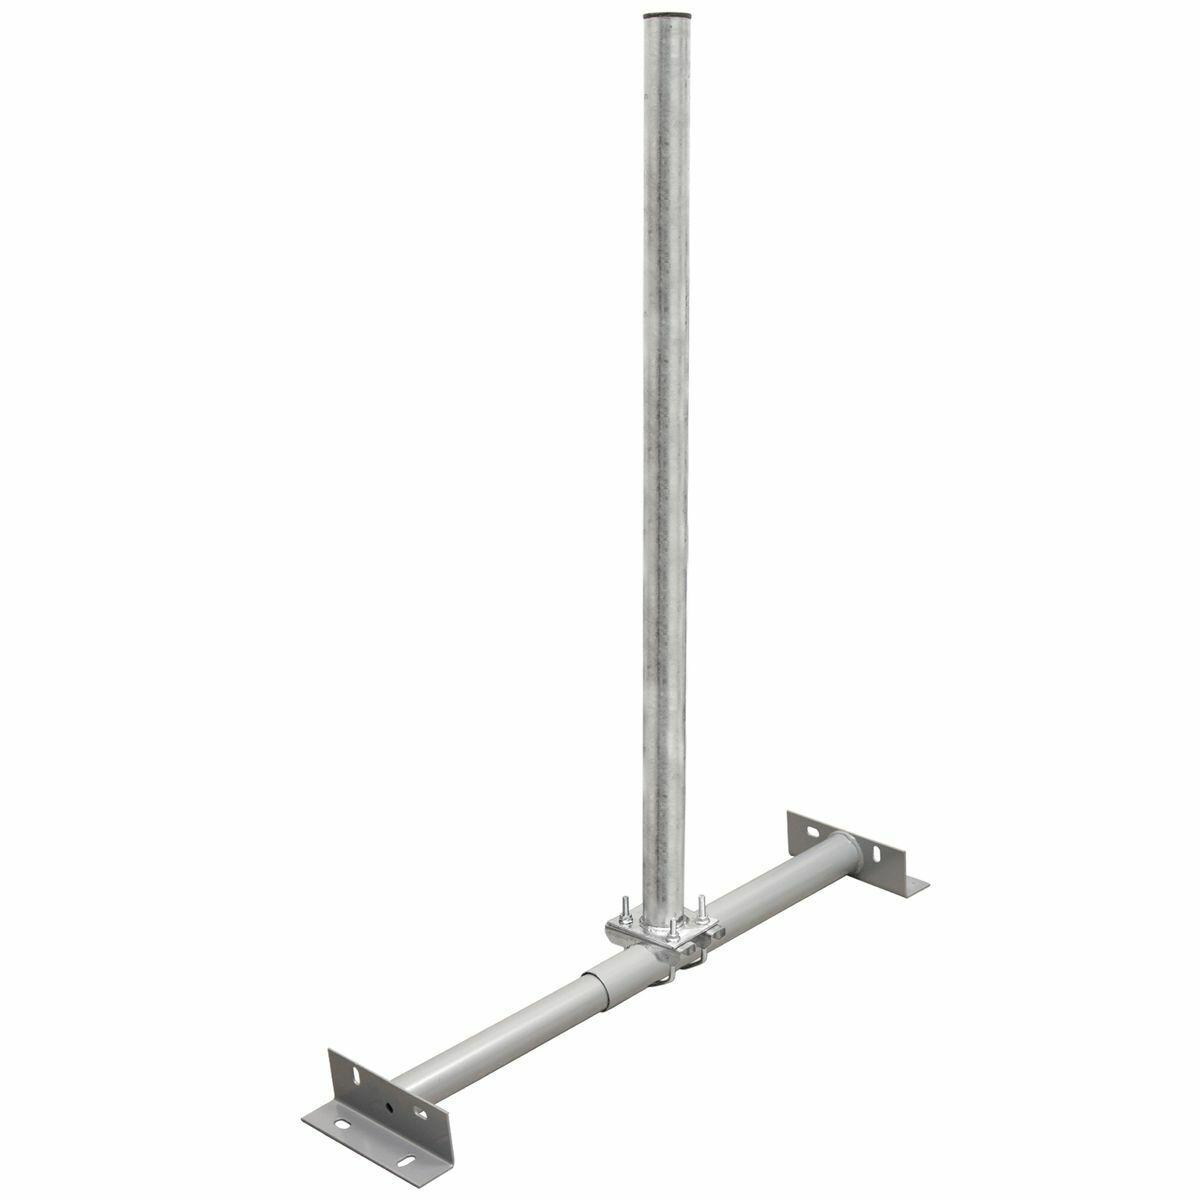 Dachsparrenhalter 100cm Mast 1m Dach Montage SAT Schüssel Spiegel Antenne Halter